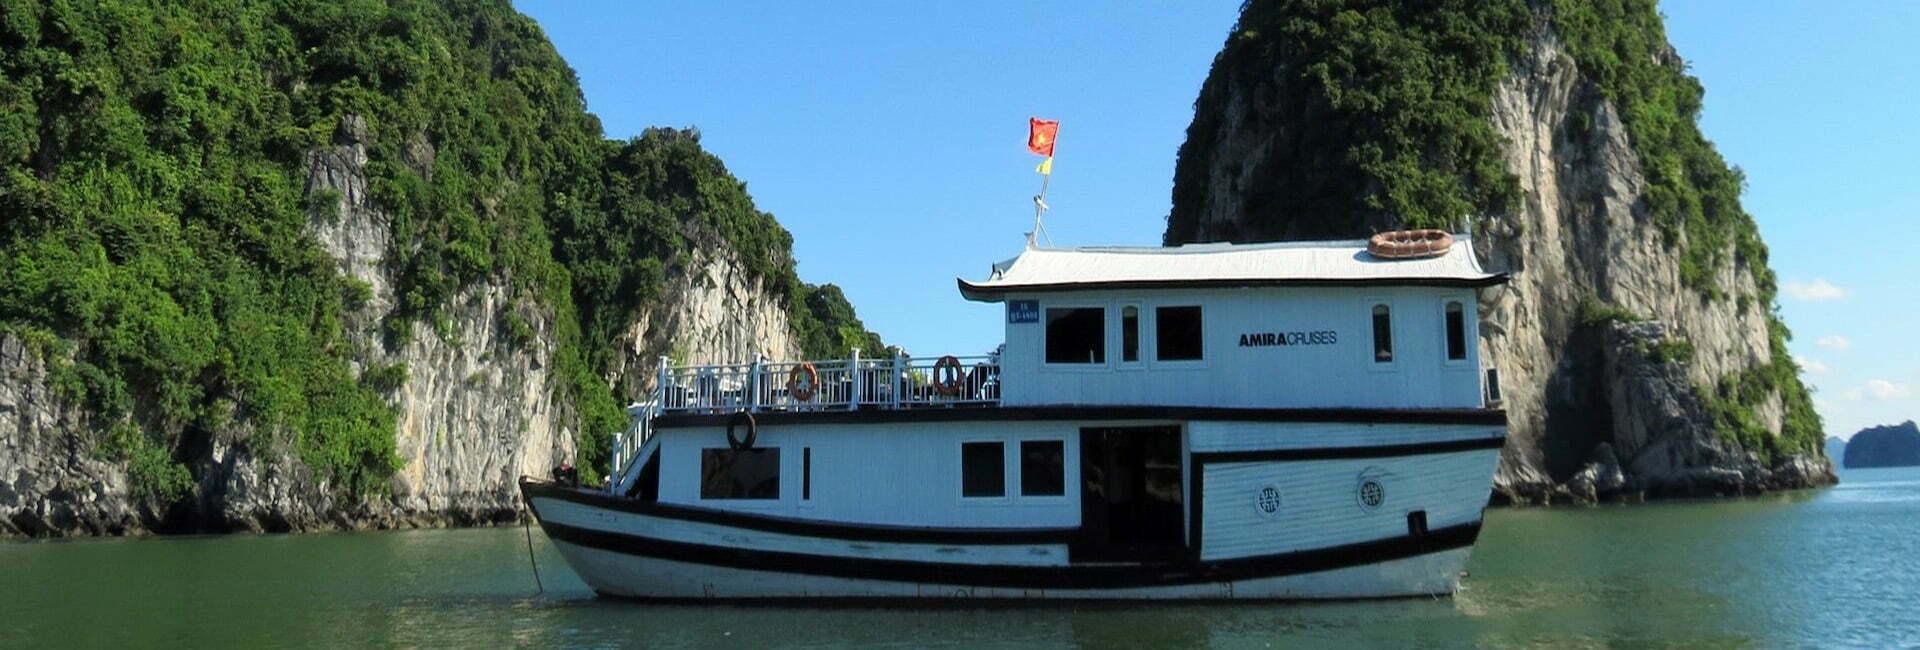 Amira Cruise Boat